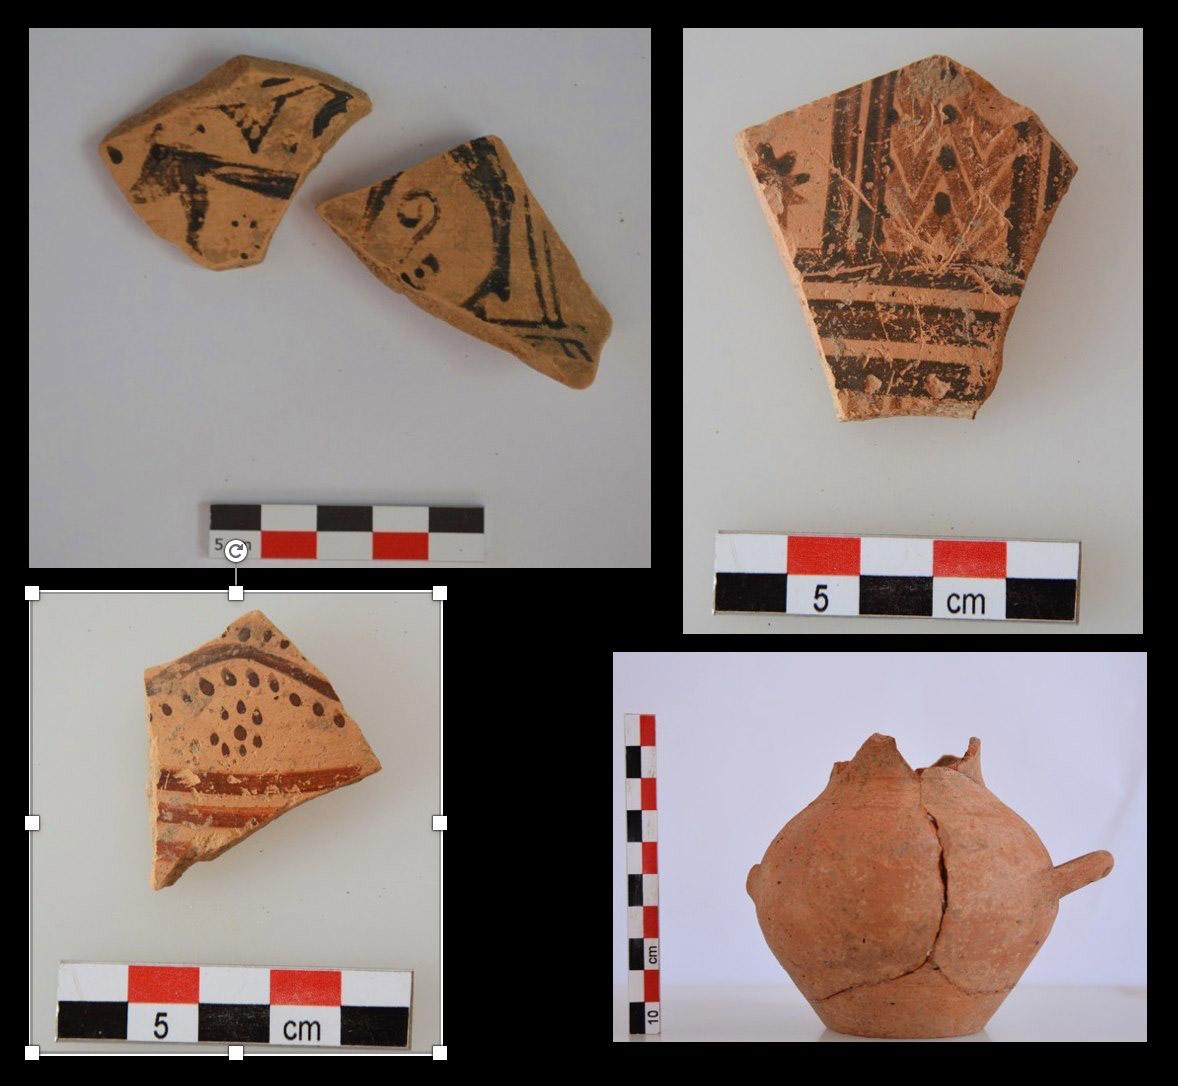 Θραύσματα αγγείων Γεωμετρικής περιόδου από την περιοχή του ιερού  (φωτ.: ΥΠΠΟΑ).